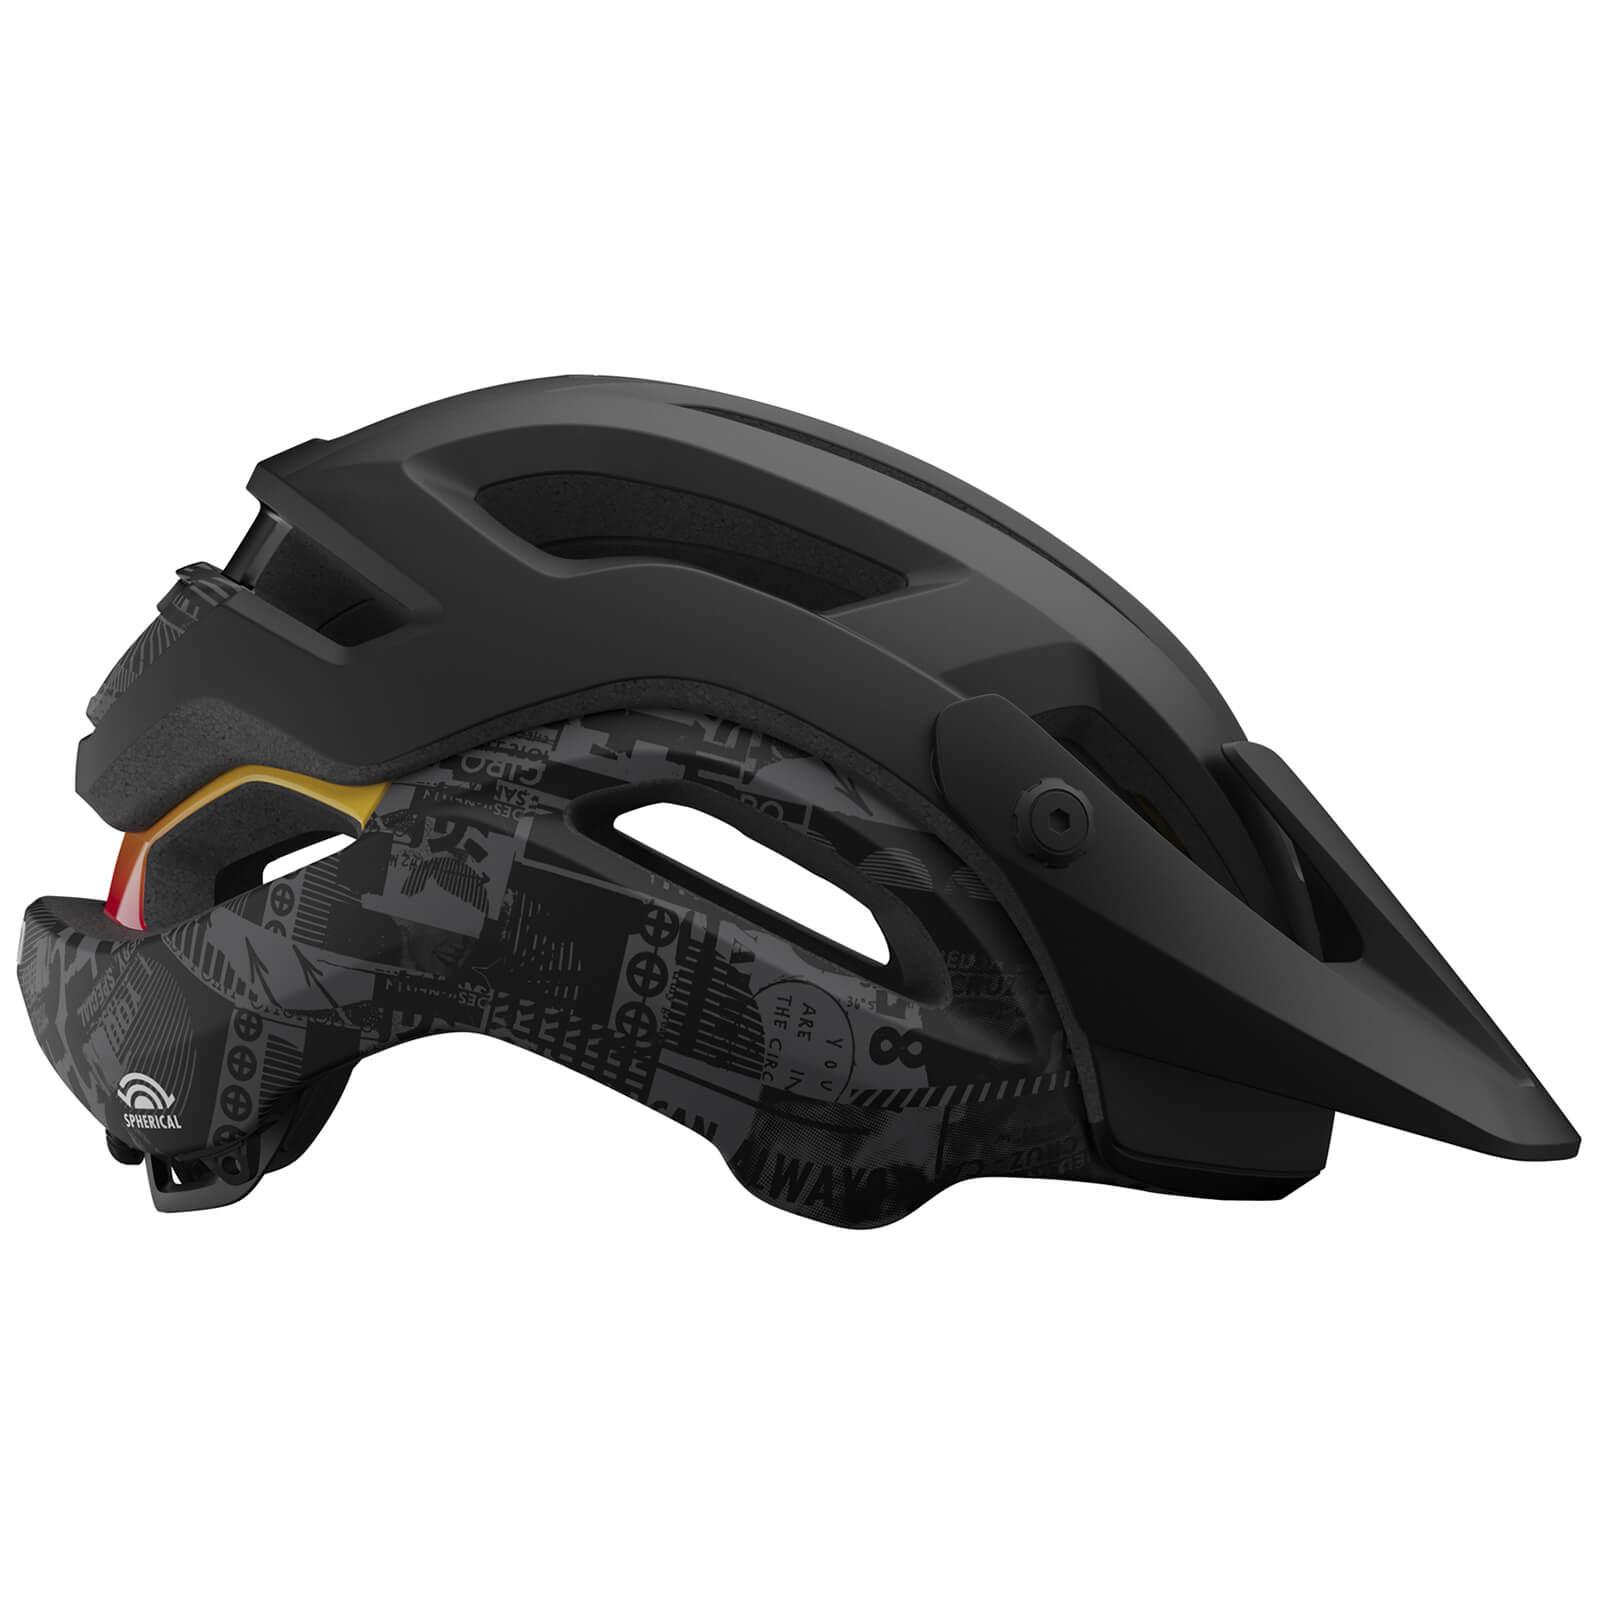 Giro Manifest Spherical Road/Gravel Helmet - L/59-63cm - Matte White